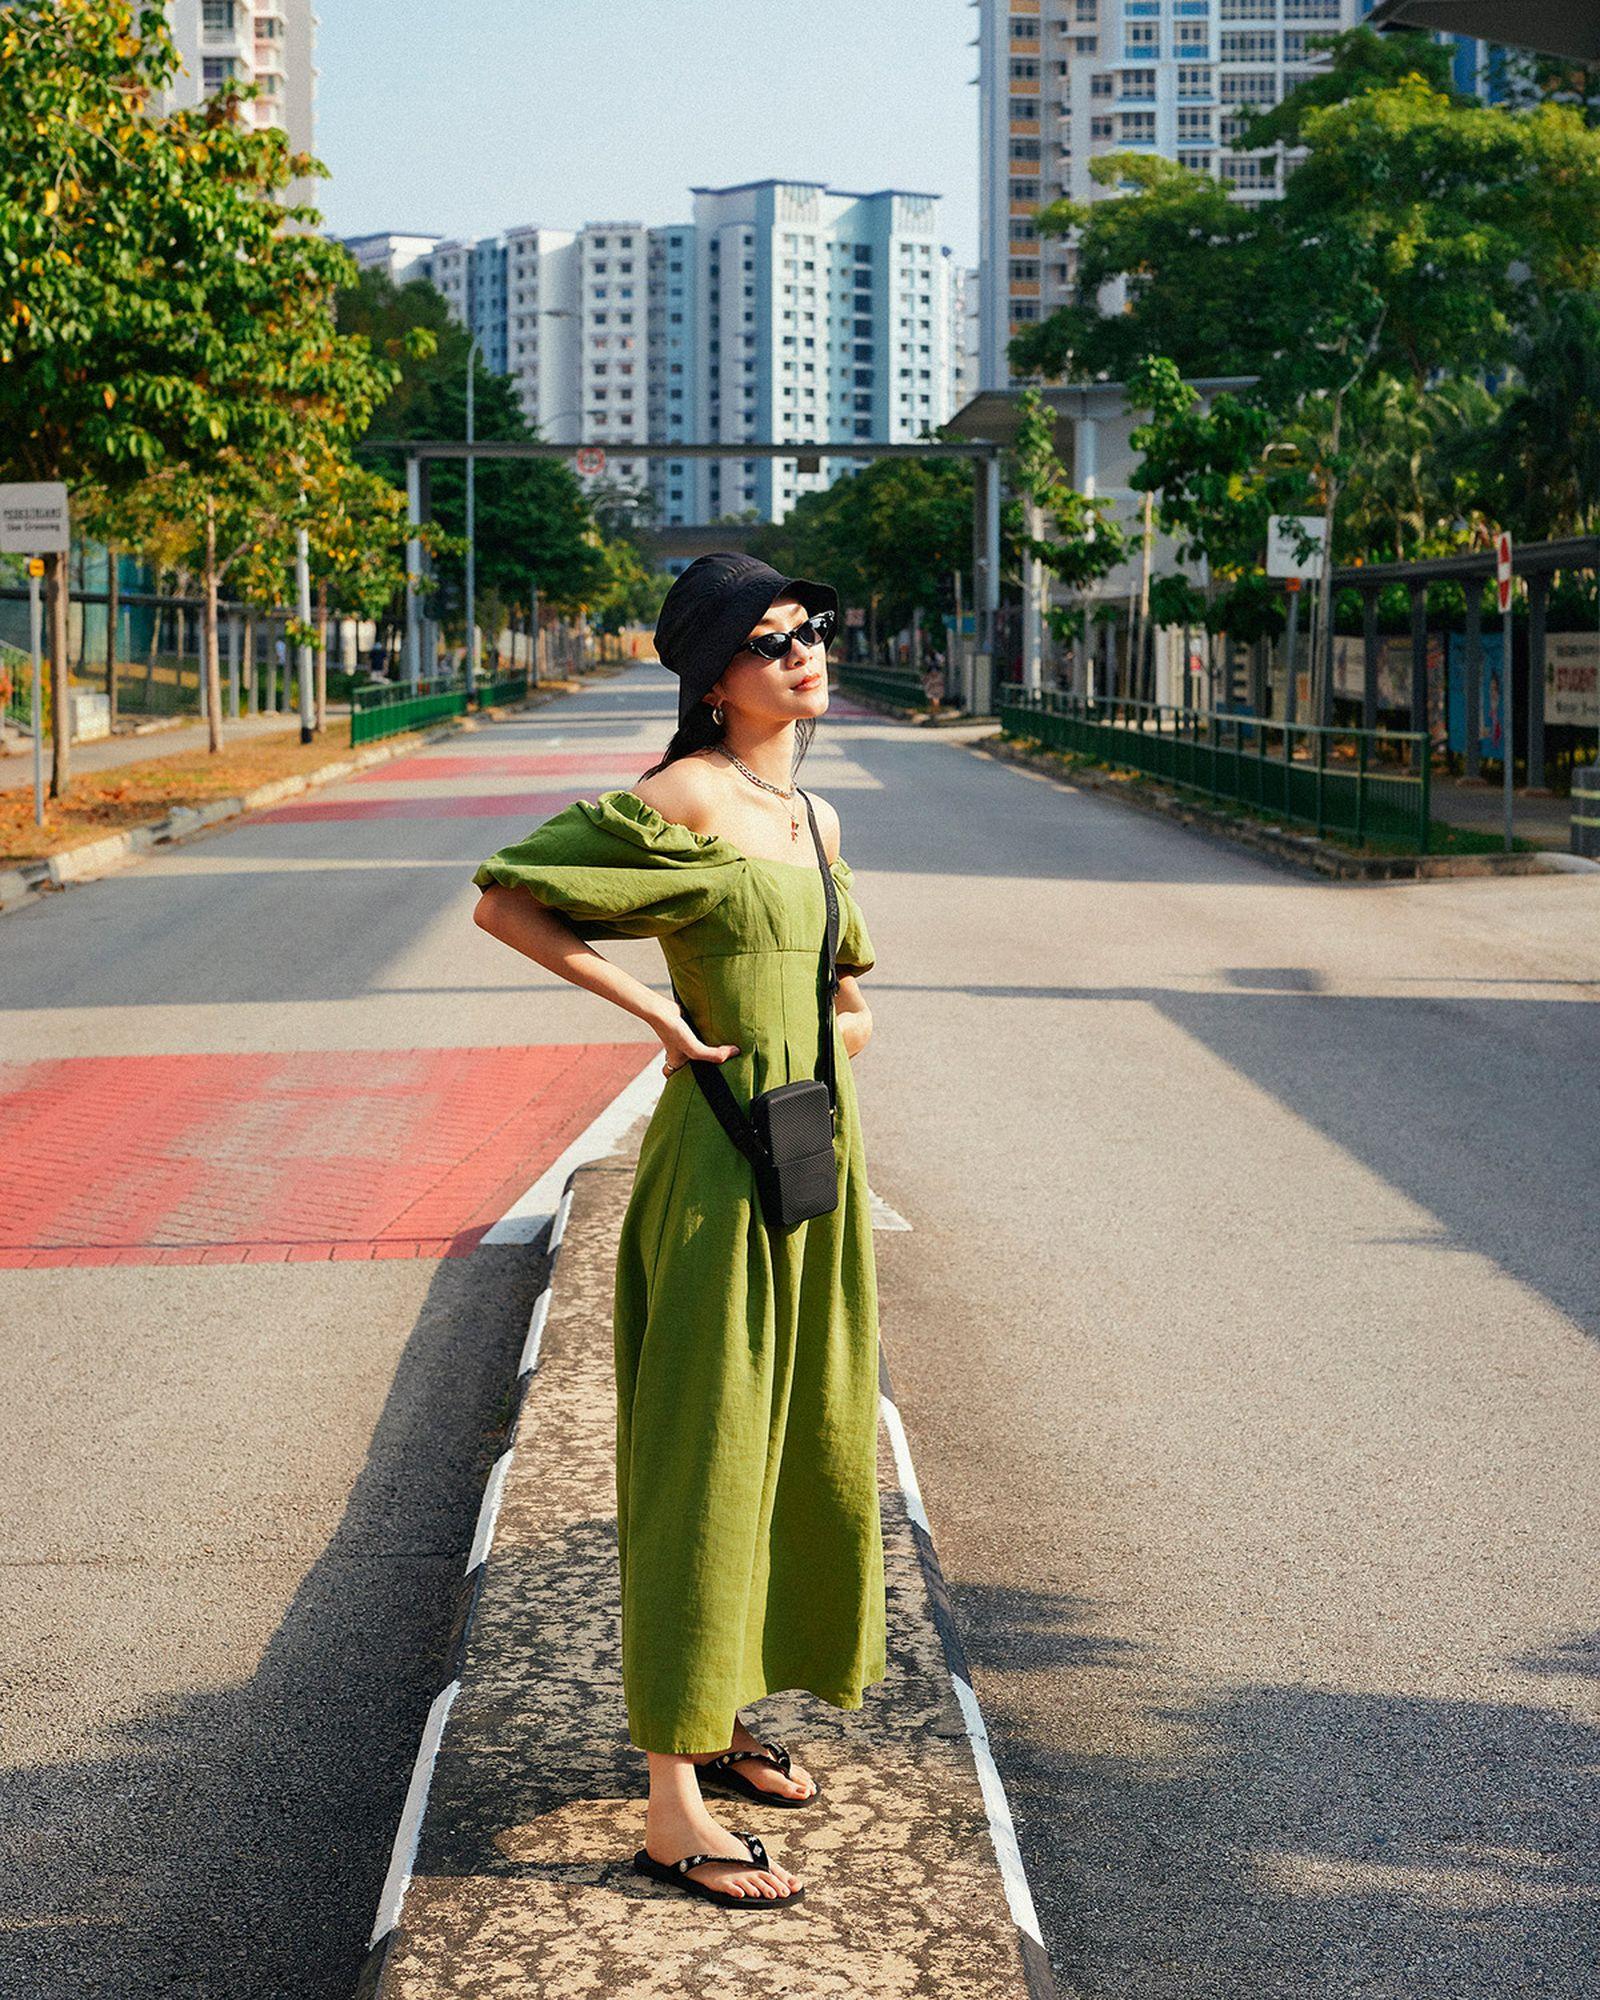 singapore-neighborhood-guide-havaianas-13